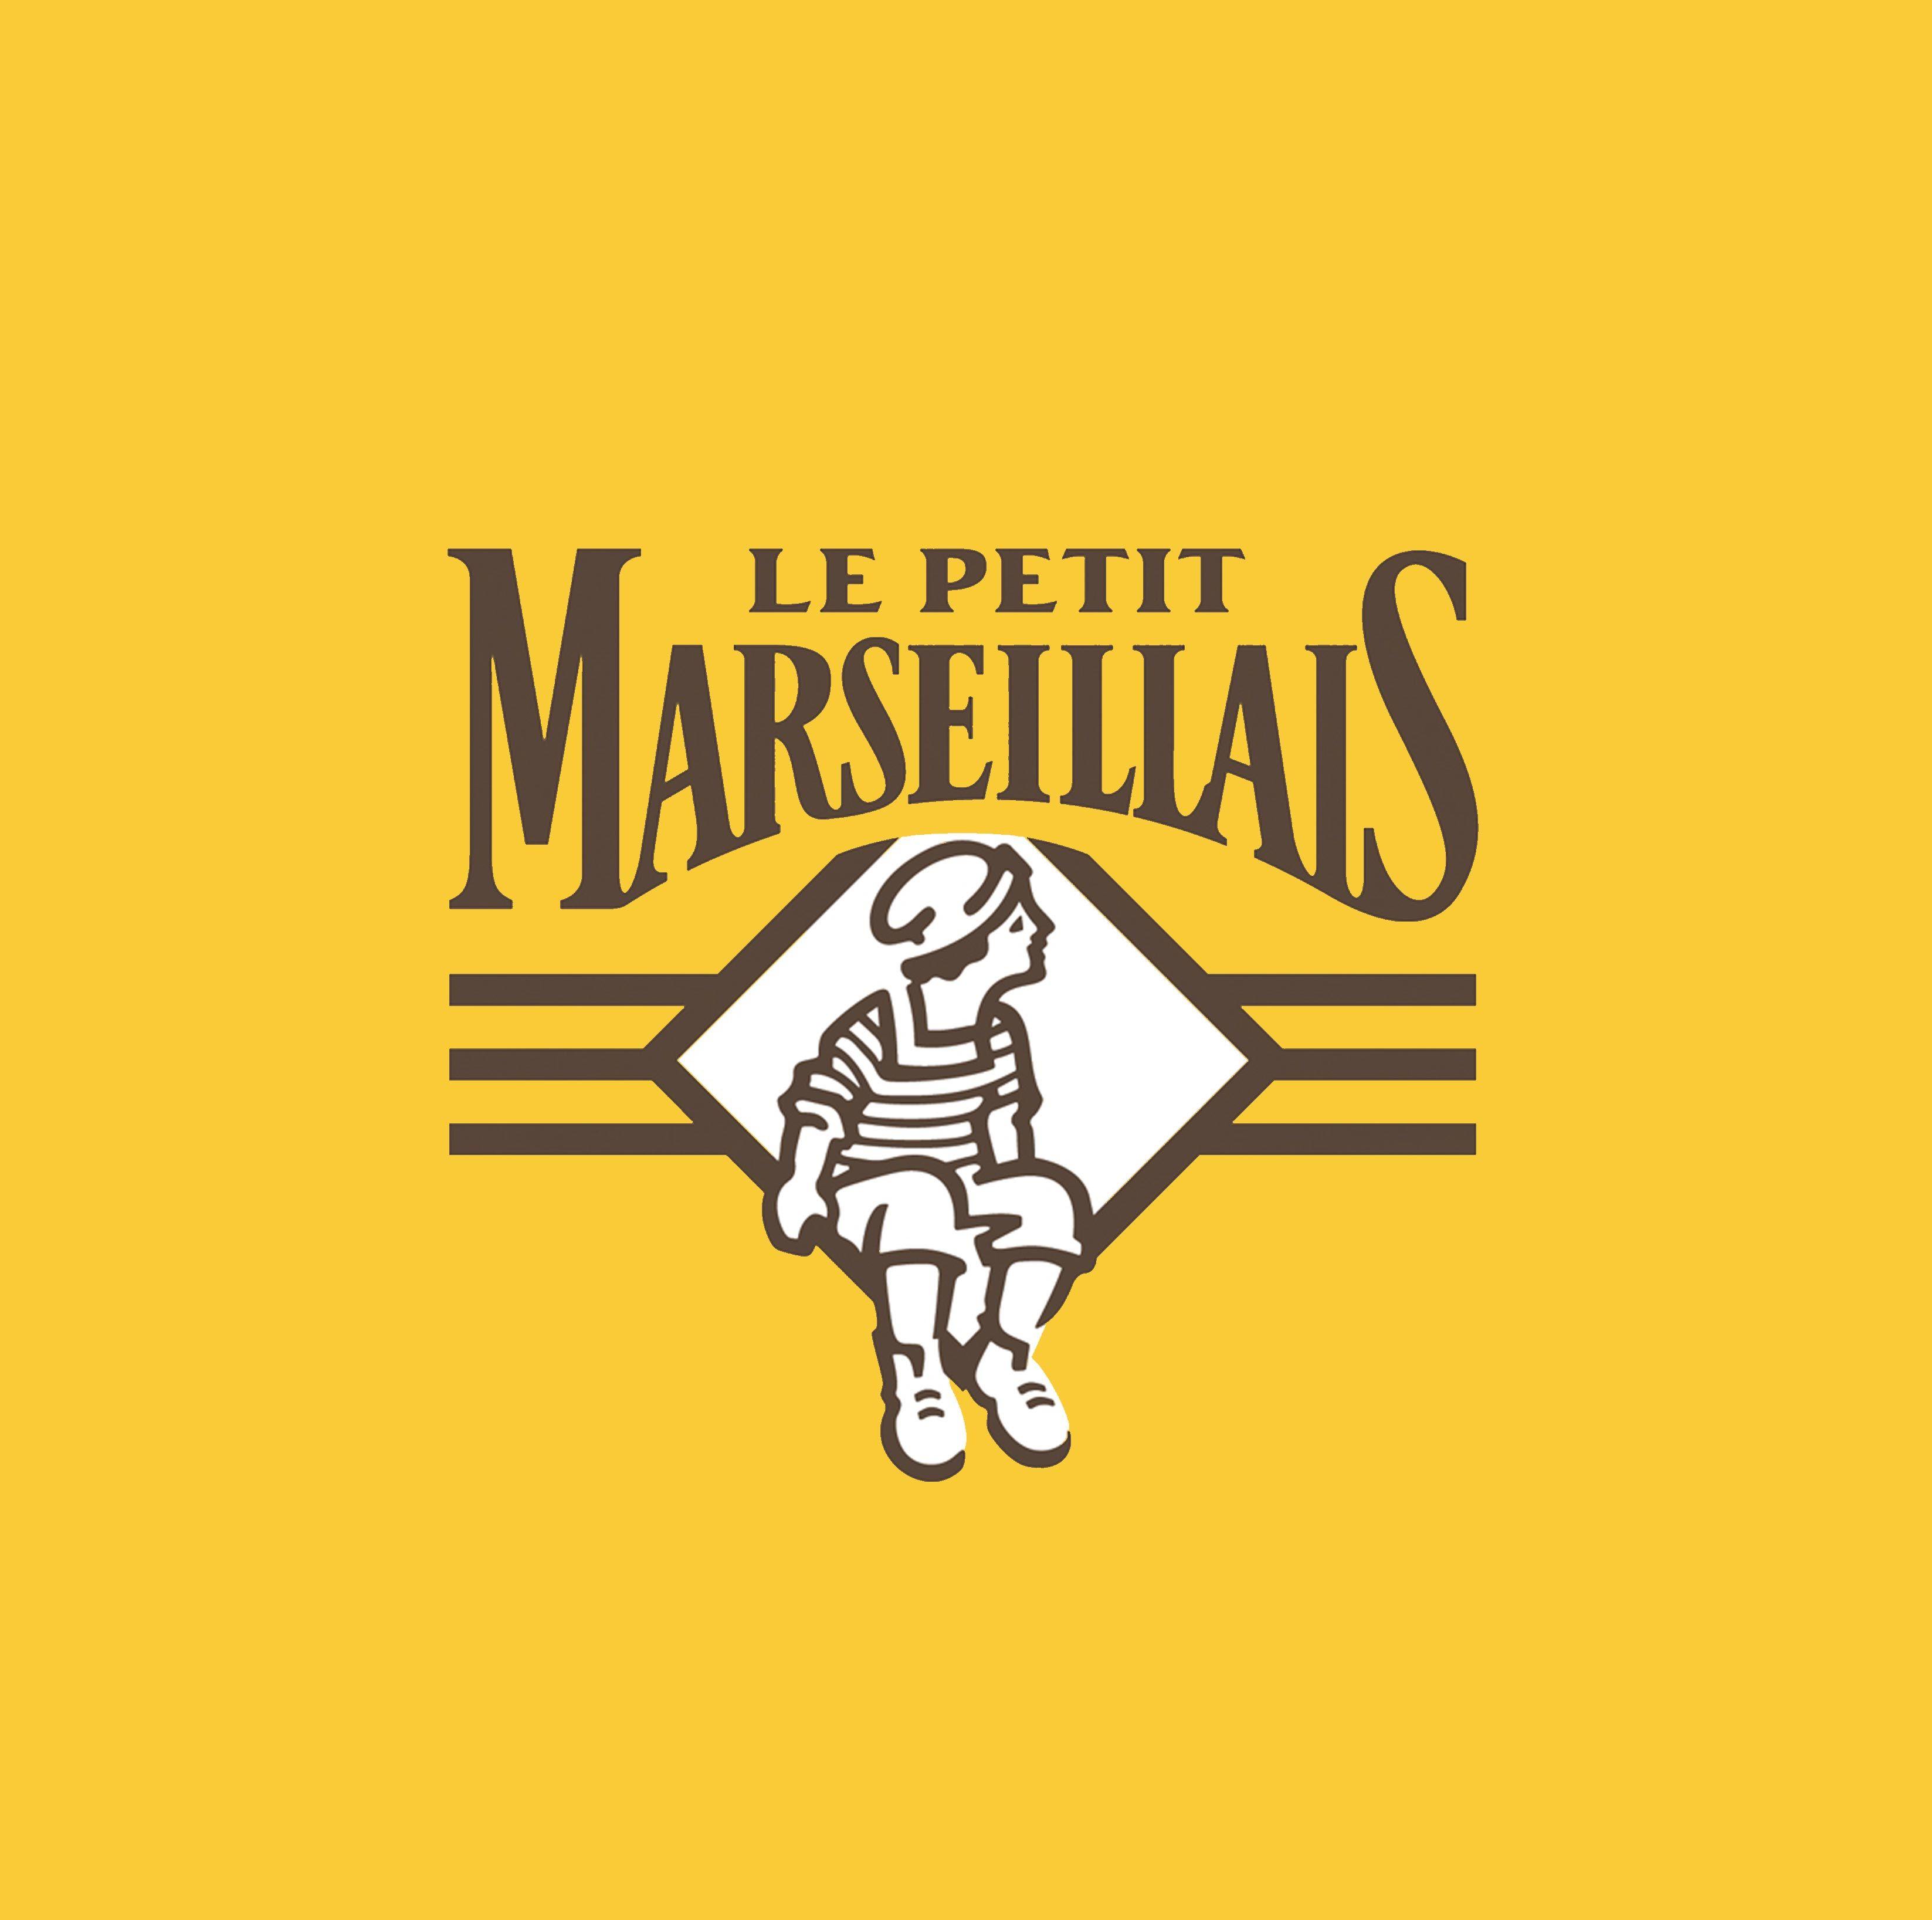 لي بيتيت مارسيليس -  Le Petit Marseillais